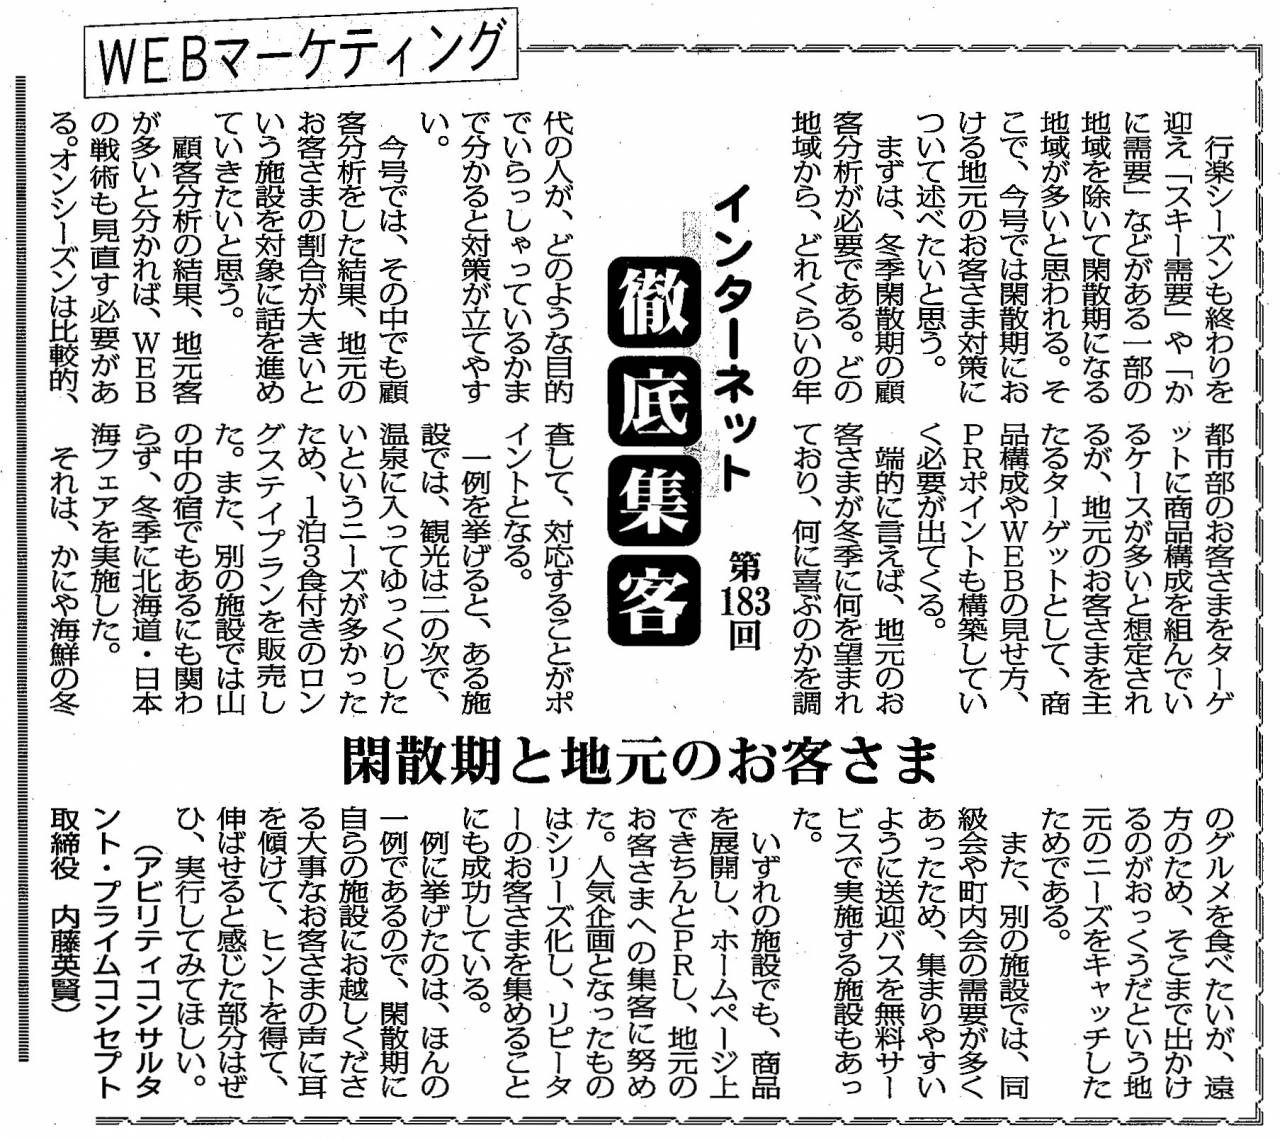 【第183回】WEBマーケティング インターネット徹底集客 (閑散期と地元のお客さま)